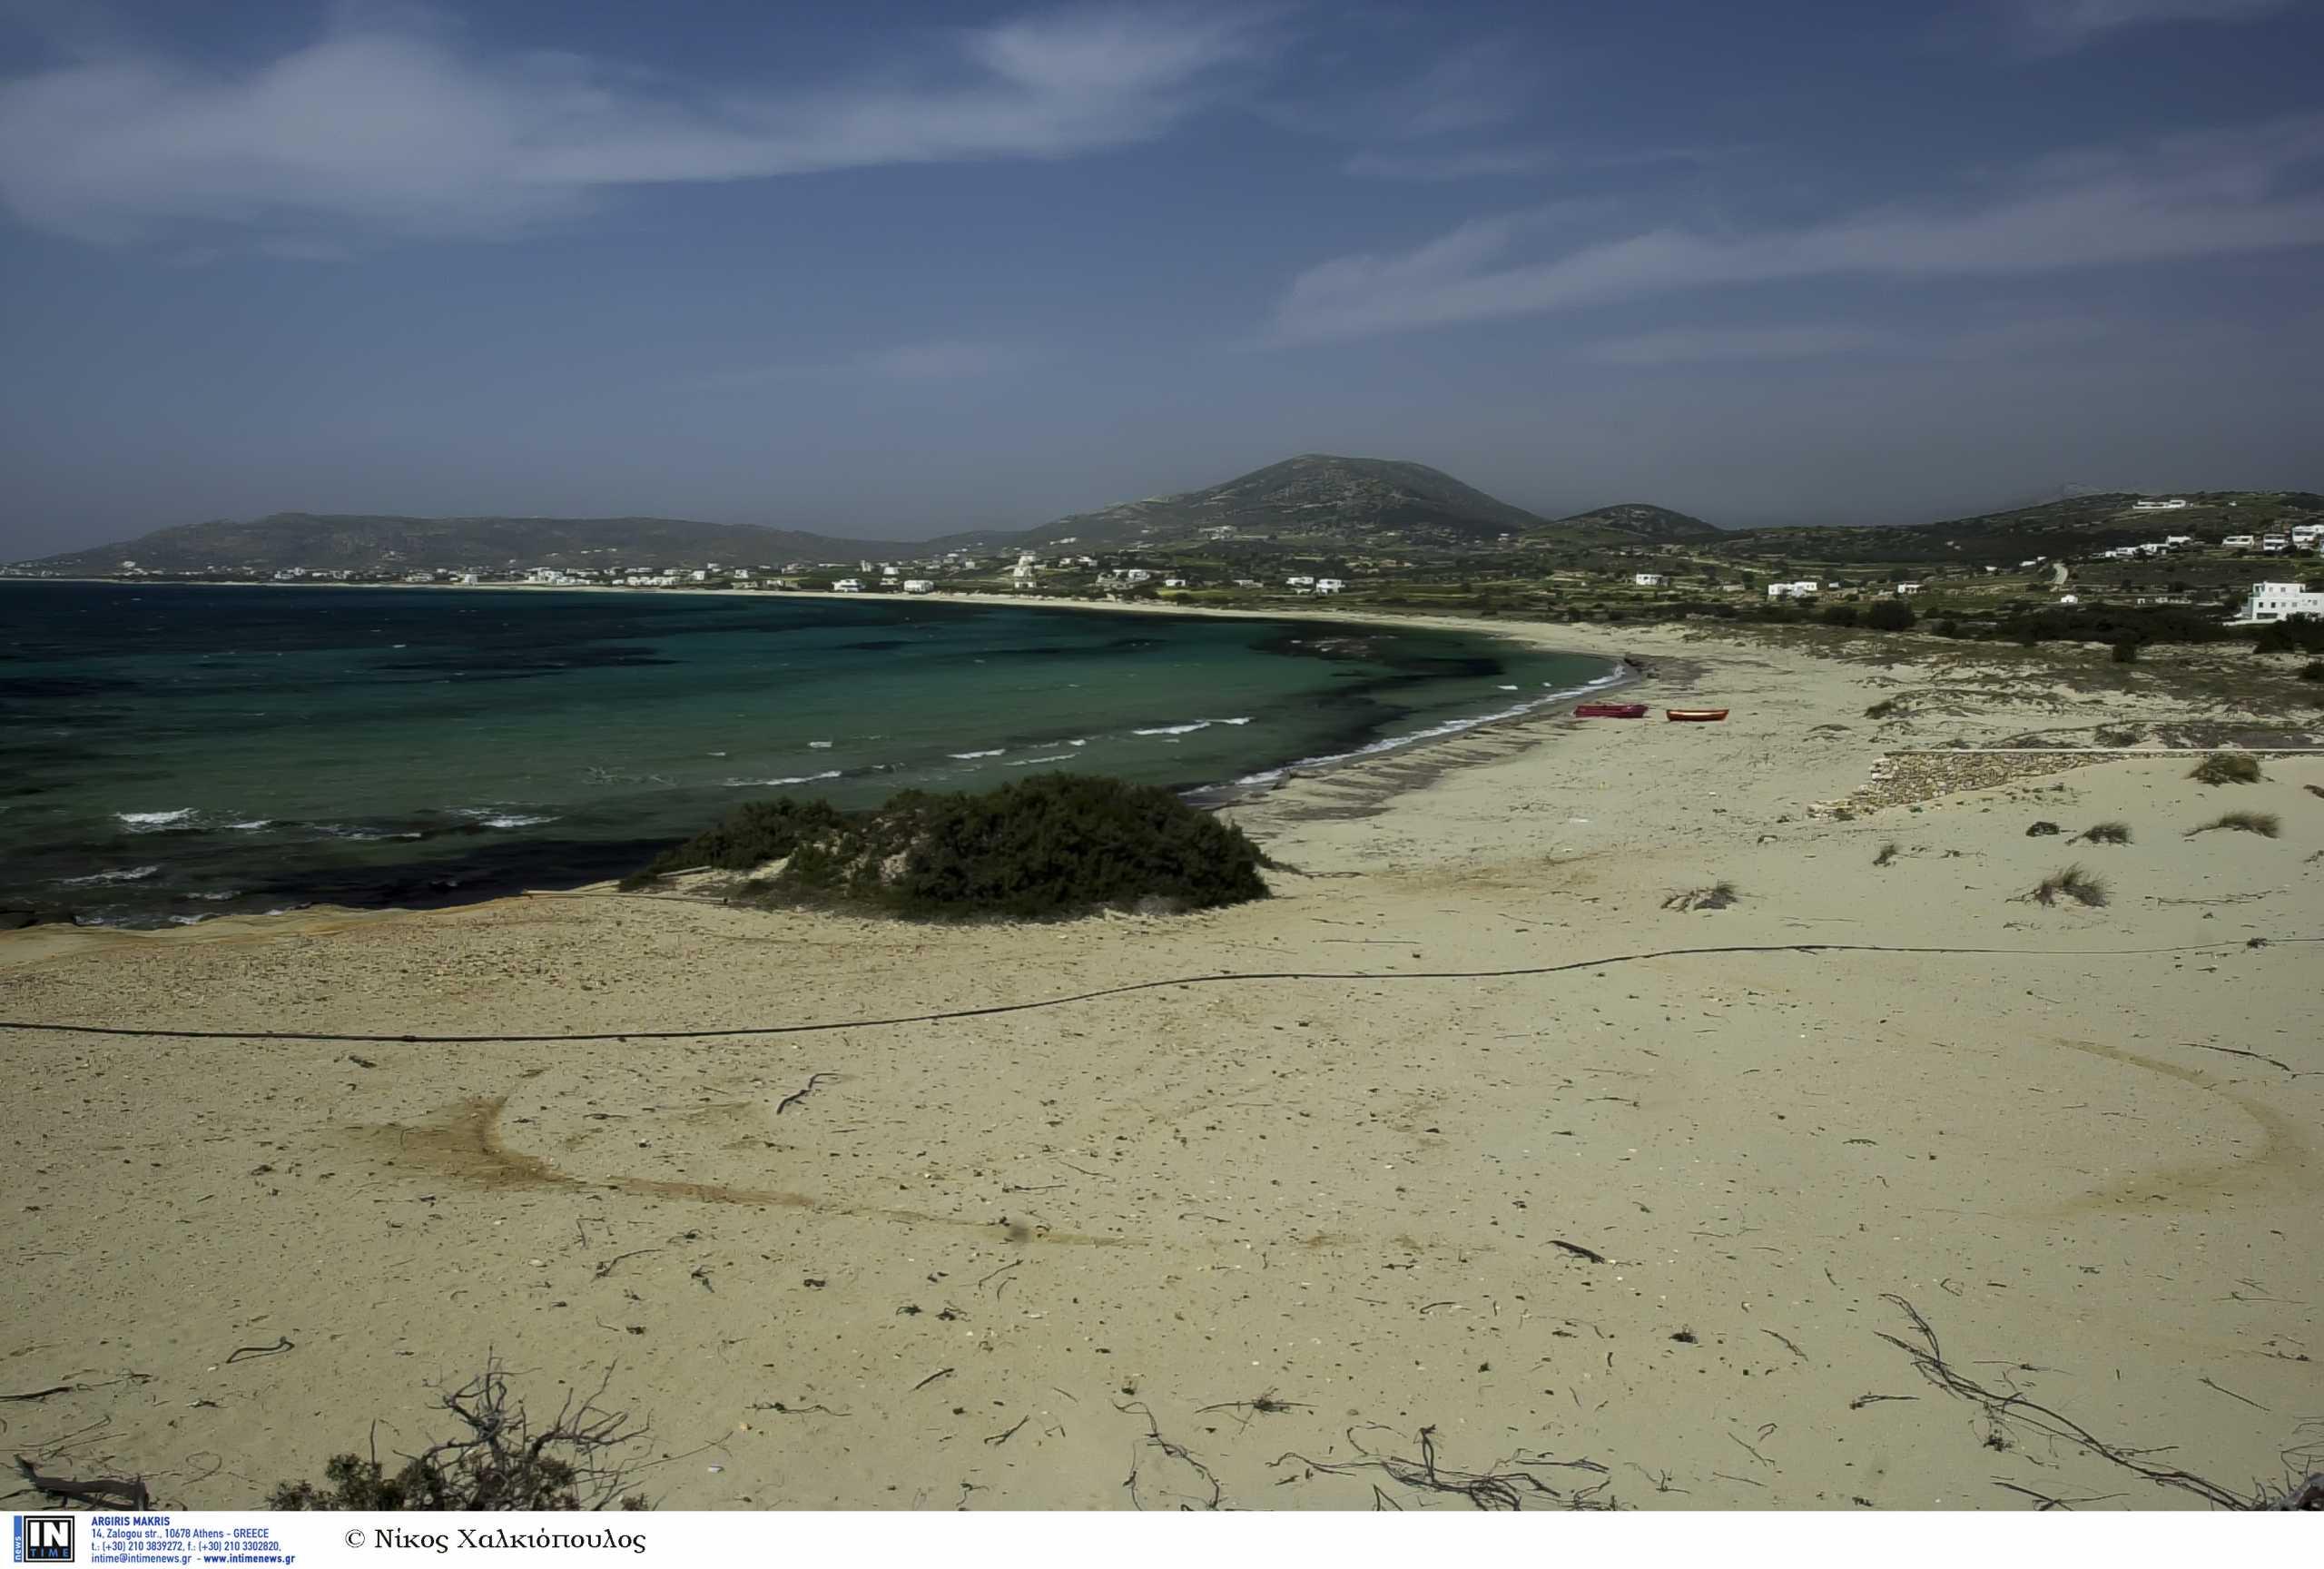 Διακοπές στη Νάξο: Πέντε λόγοι για να επιλέξεις το νησί